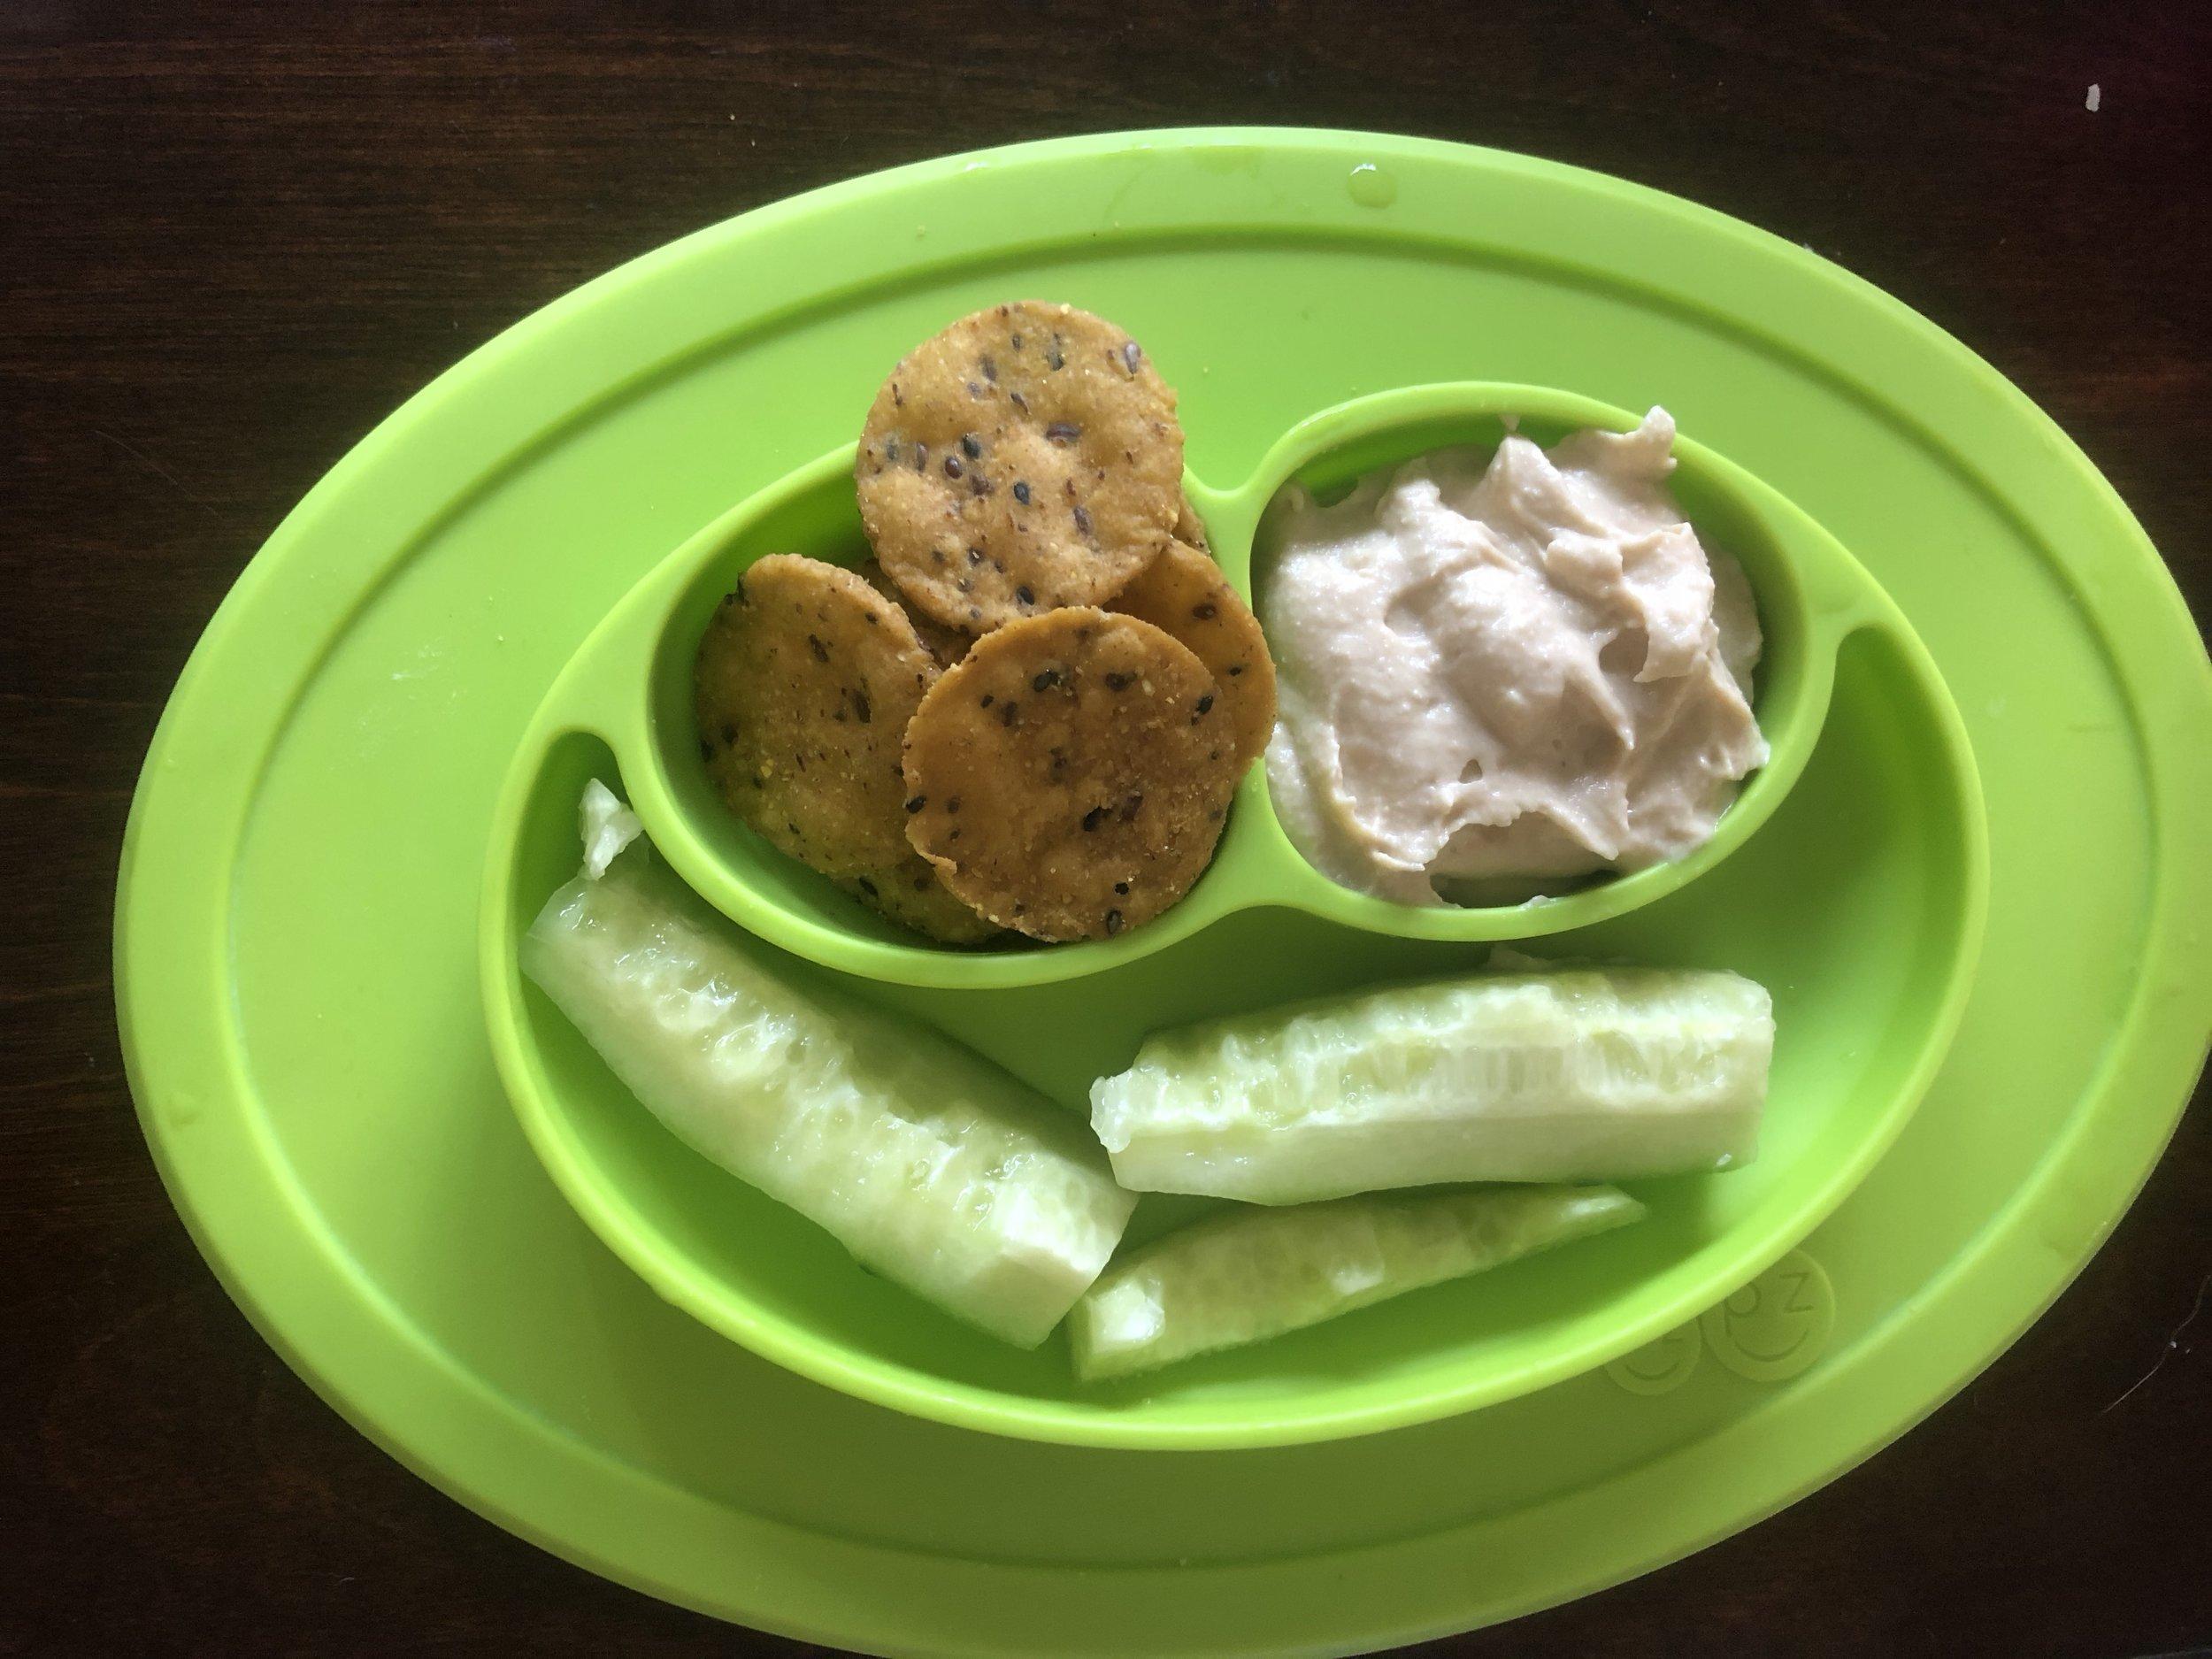 sweet potato crackers, garlic hummus and cucumbers